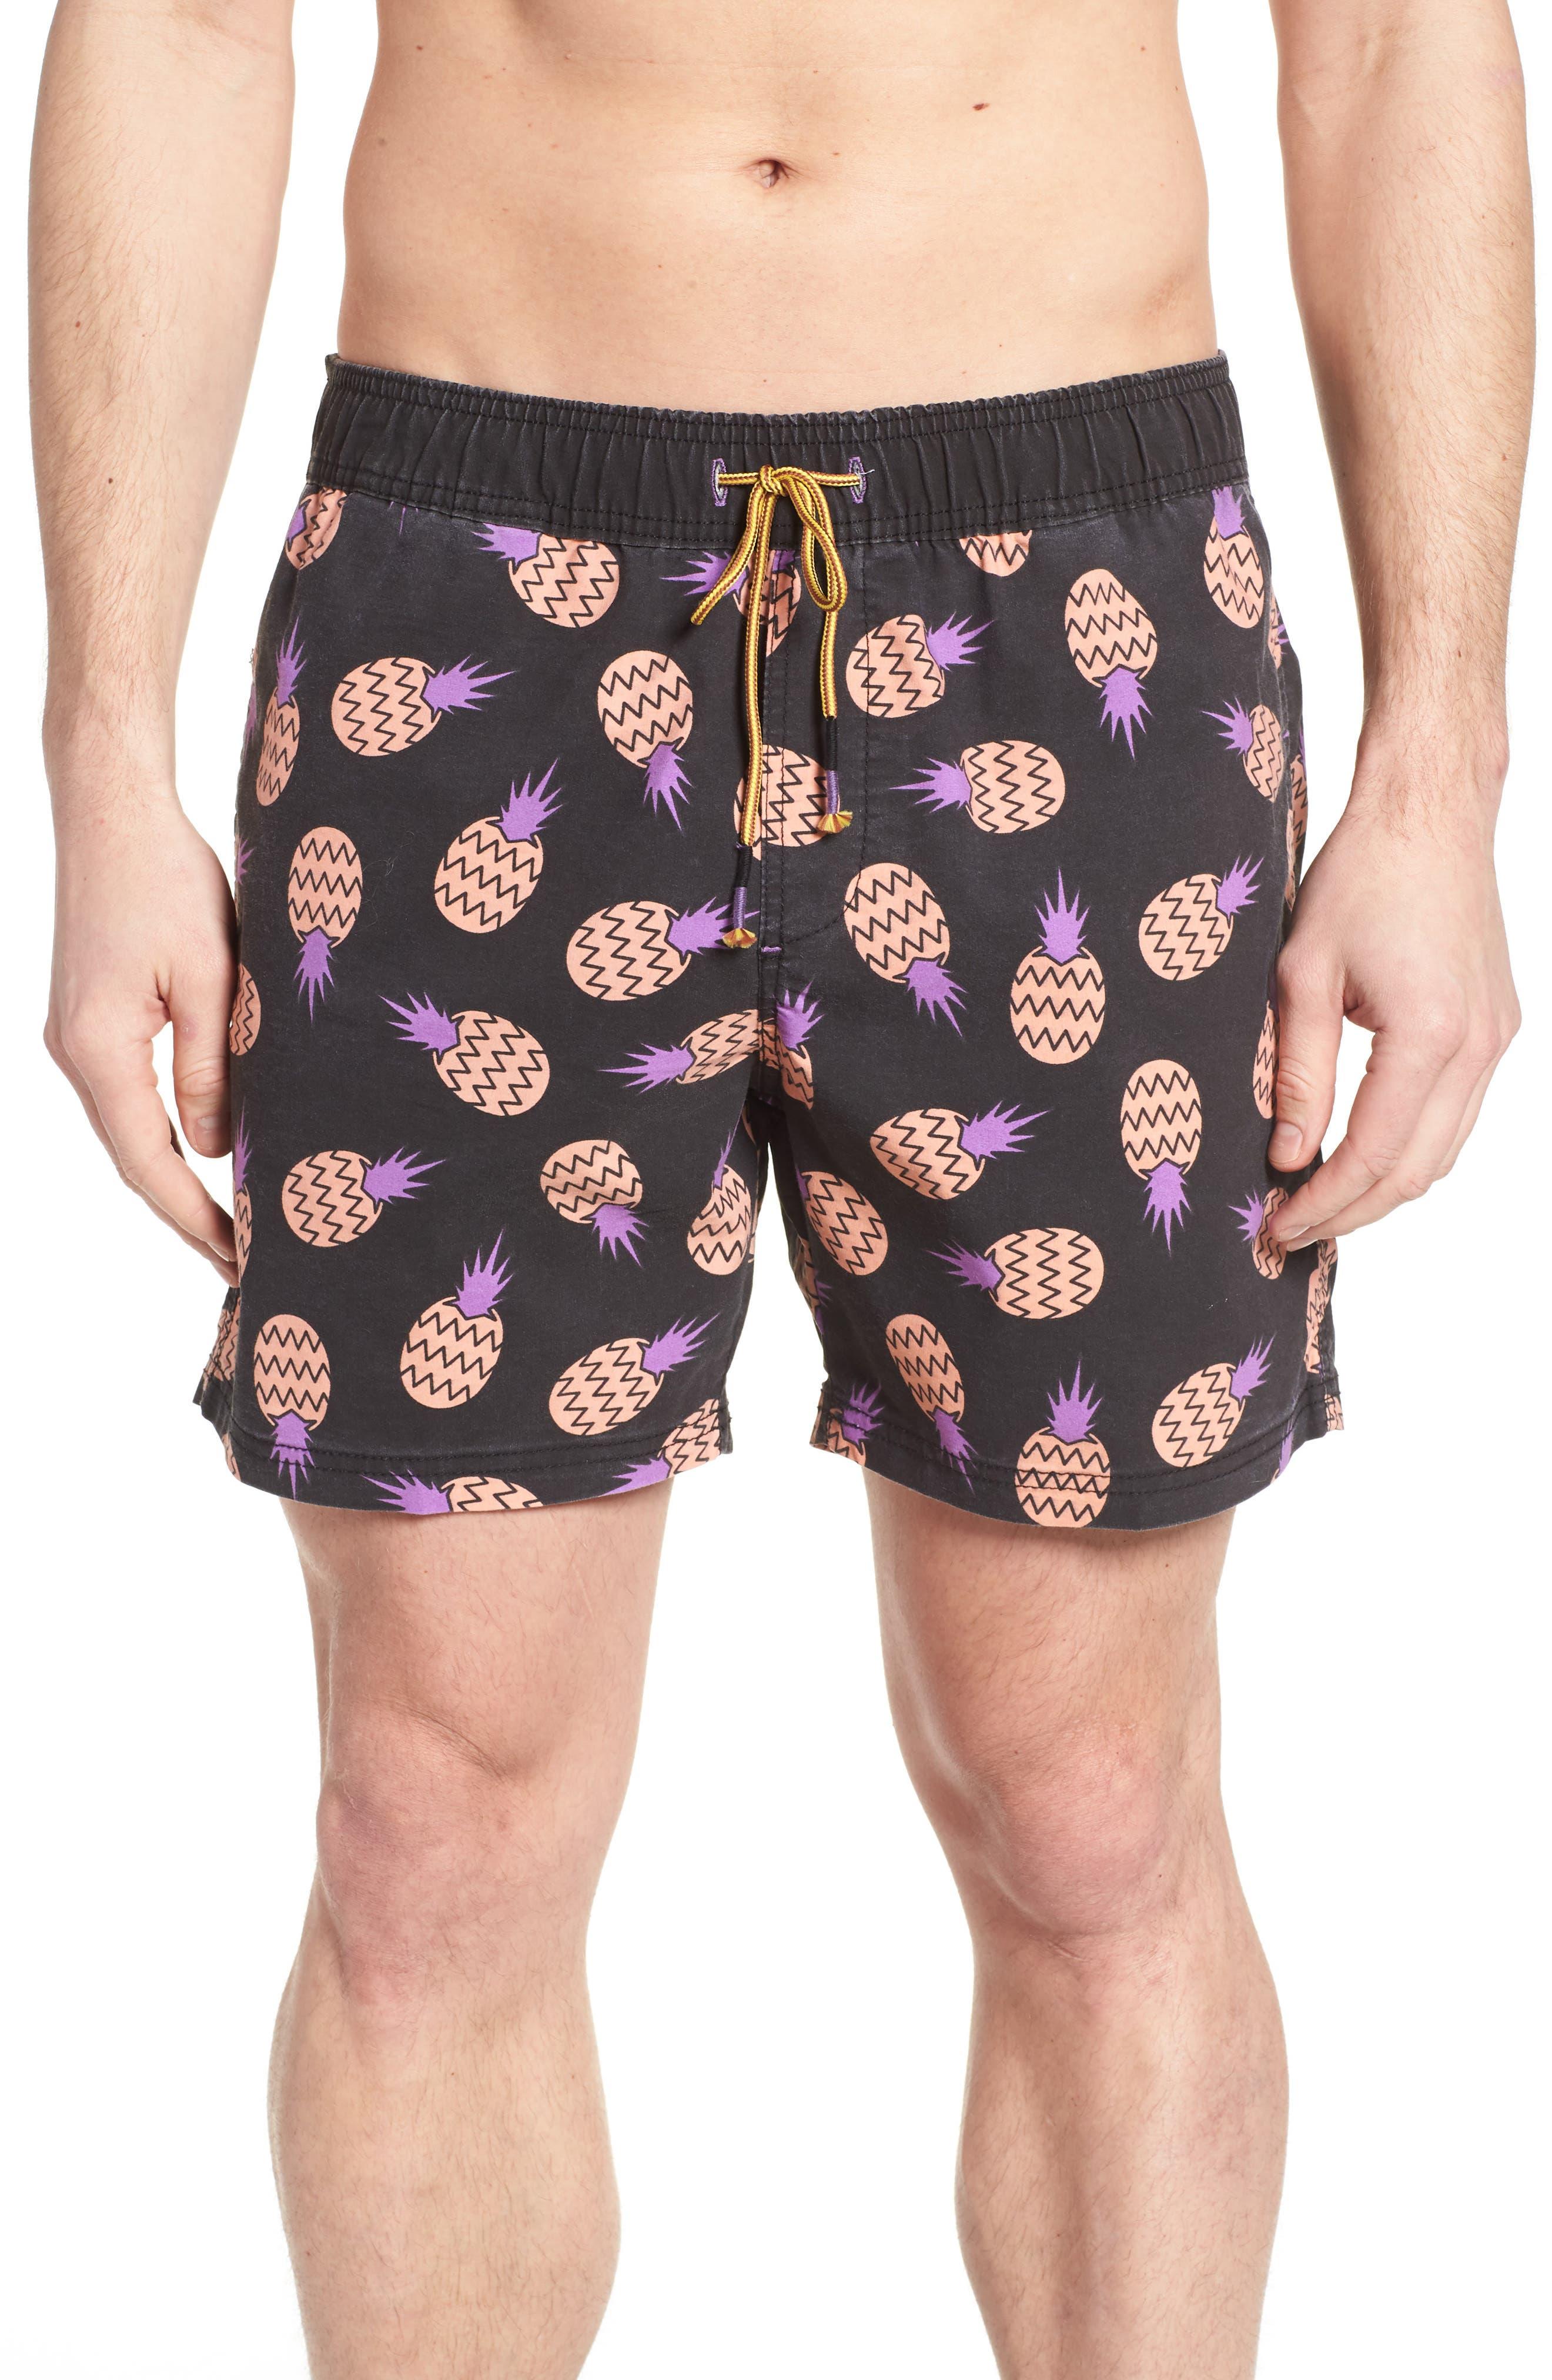 Juice Beaver Swim Trunks,                             Main thumbnail 1, color,                             001